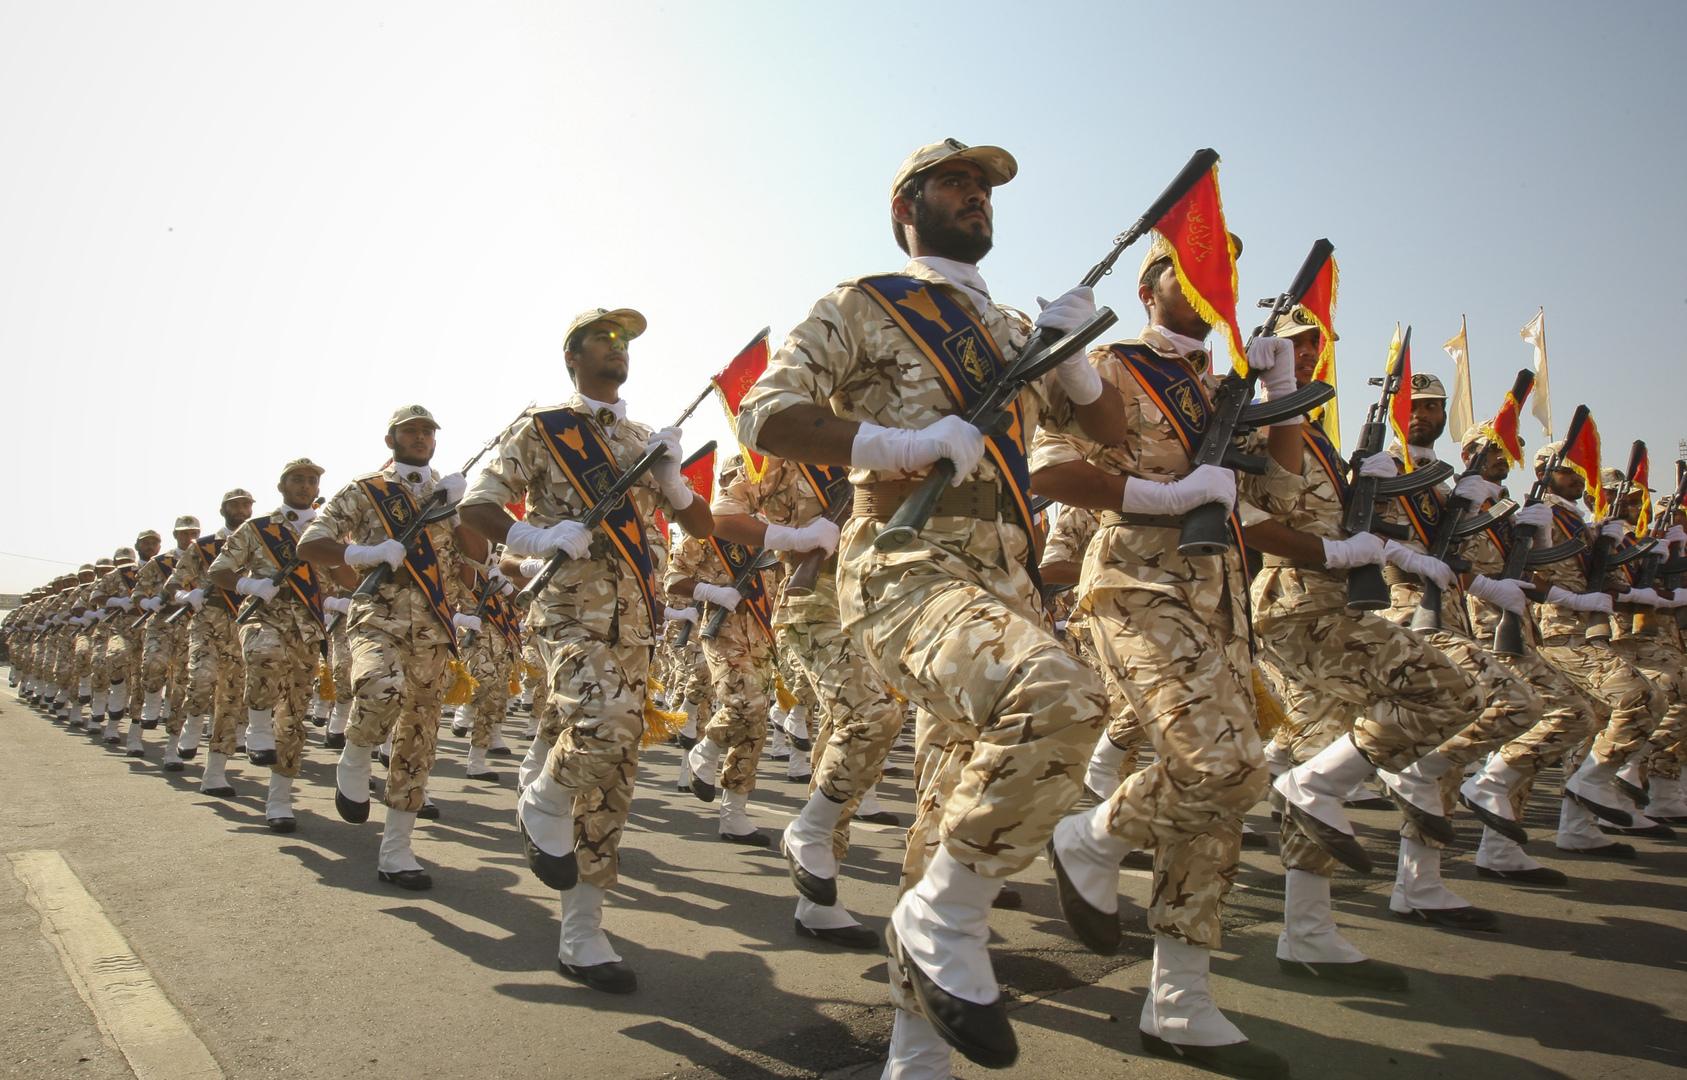 الحرس الثوري الإيراني: التطبيع بين الإمارات وإسرائيل سيسرع زوال الأخيرة ونيل حقوق الشعب الفلسطيني